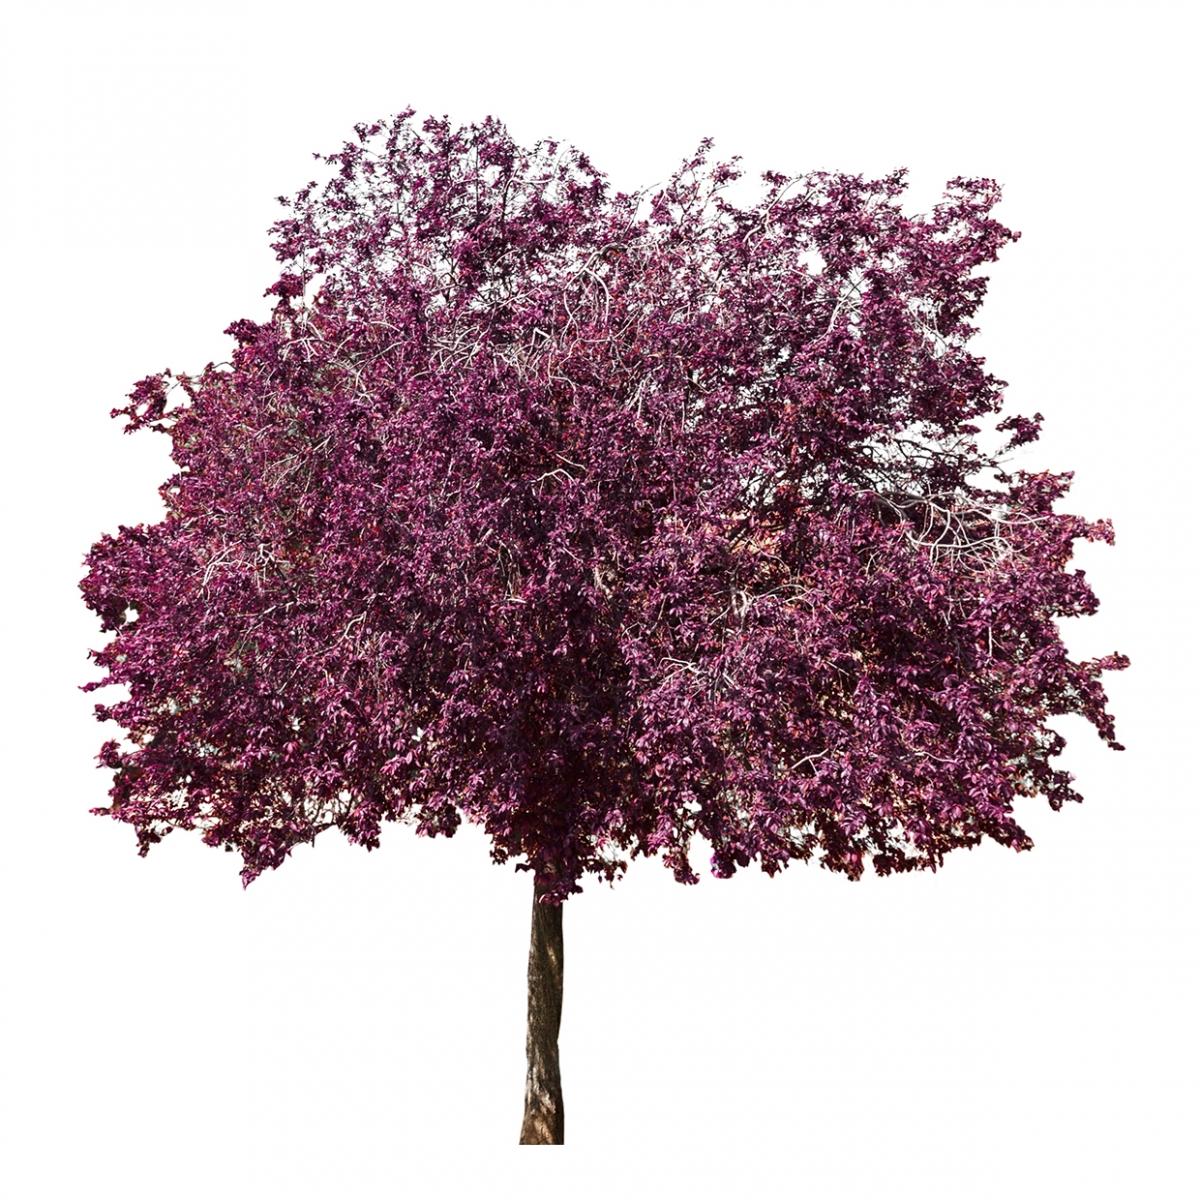 Imagen en la que se ve un árbol en flor